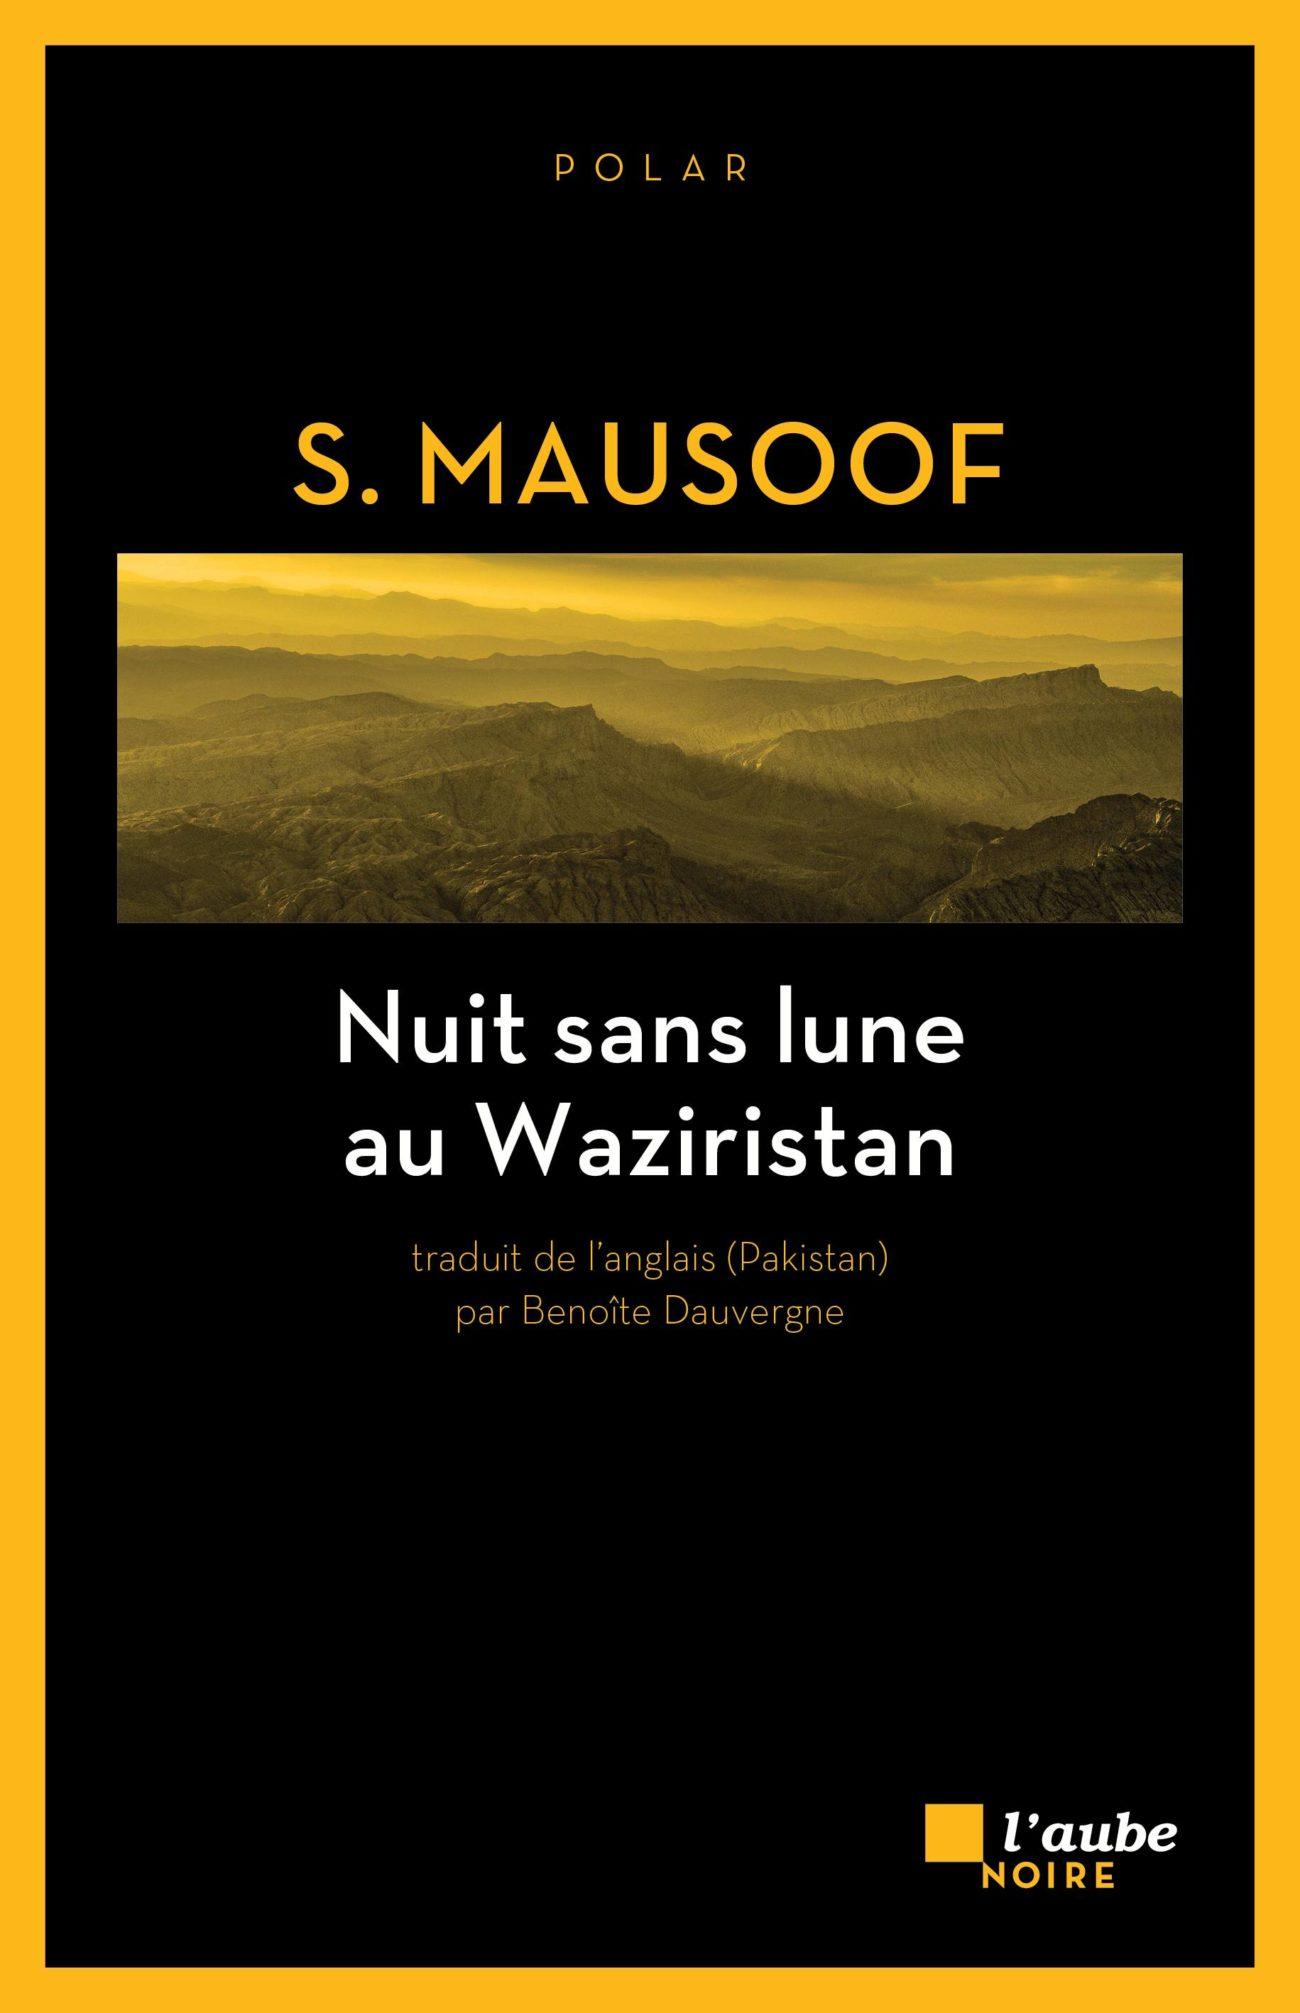 Nuit sans lune au Waziristan